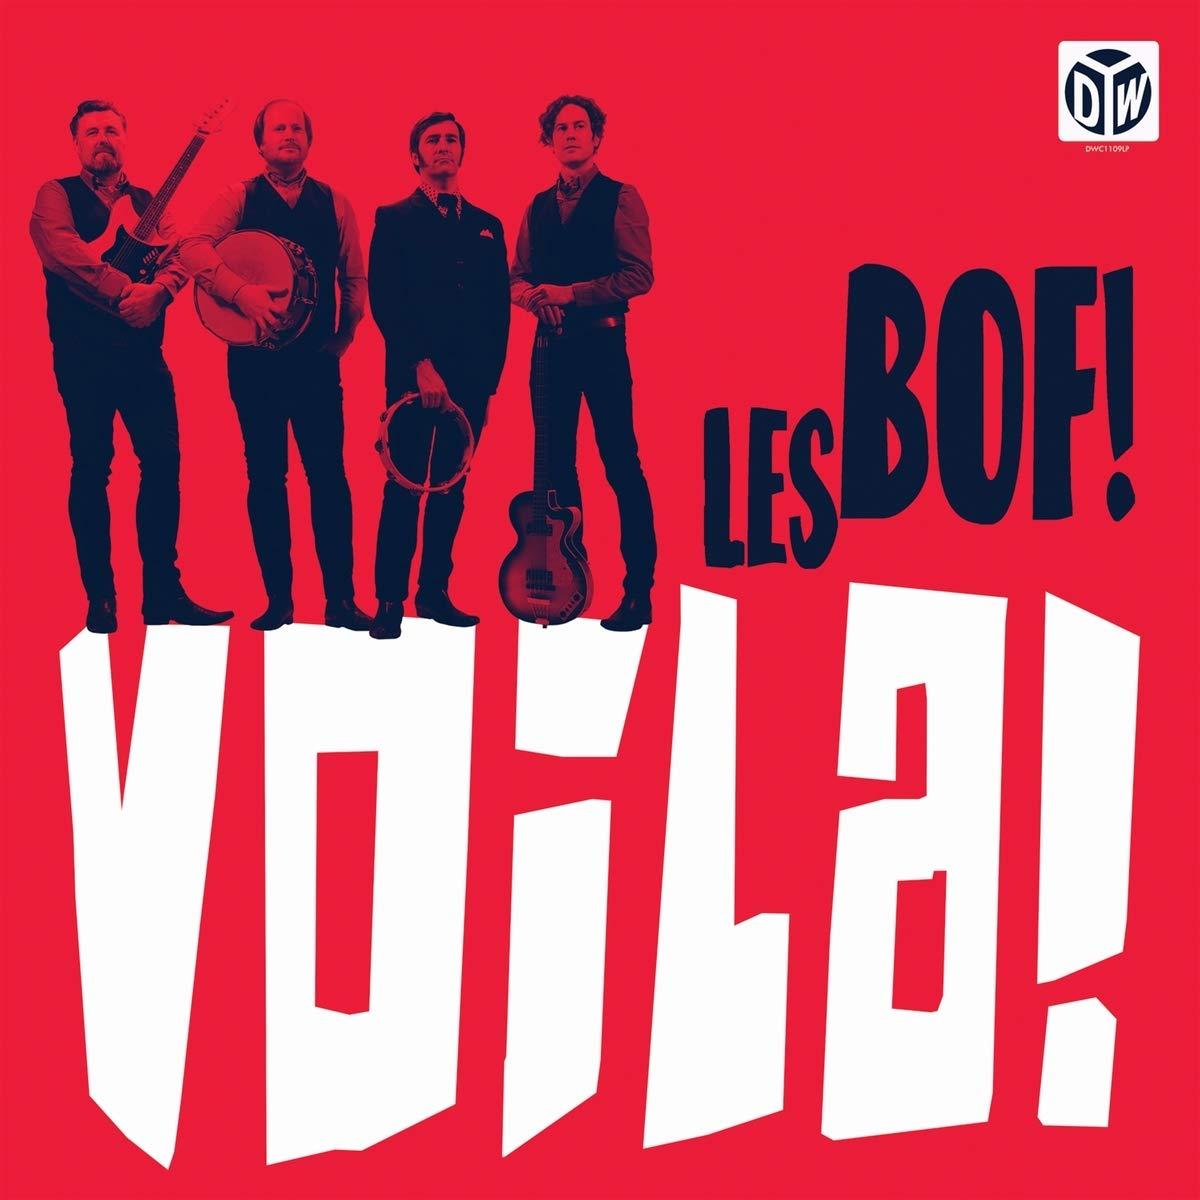 Voila: Les Bof!, Les Bof!: Amazon.fr: Musique